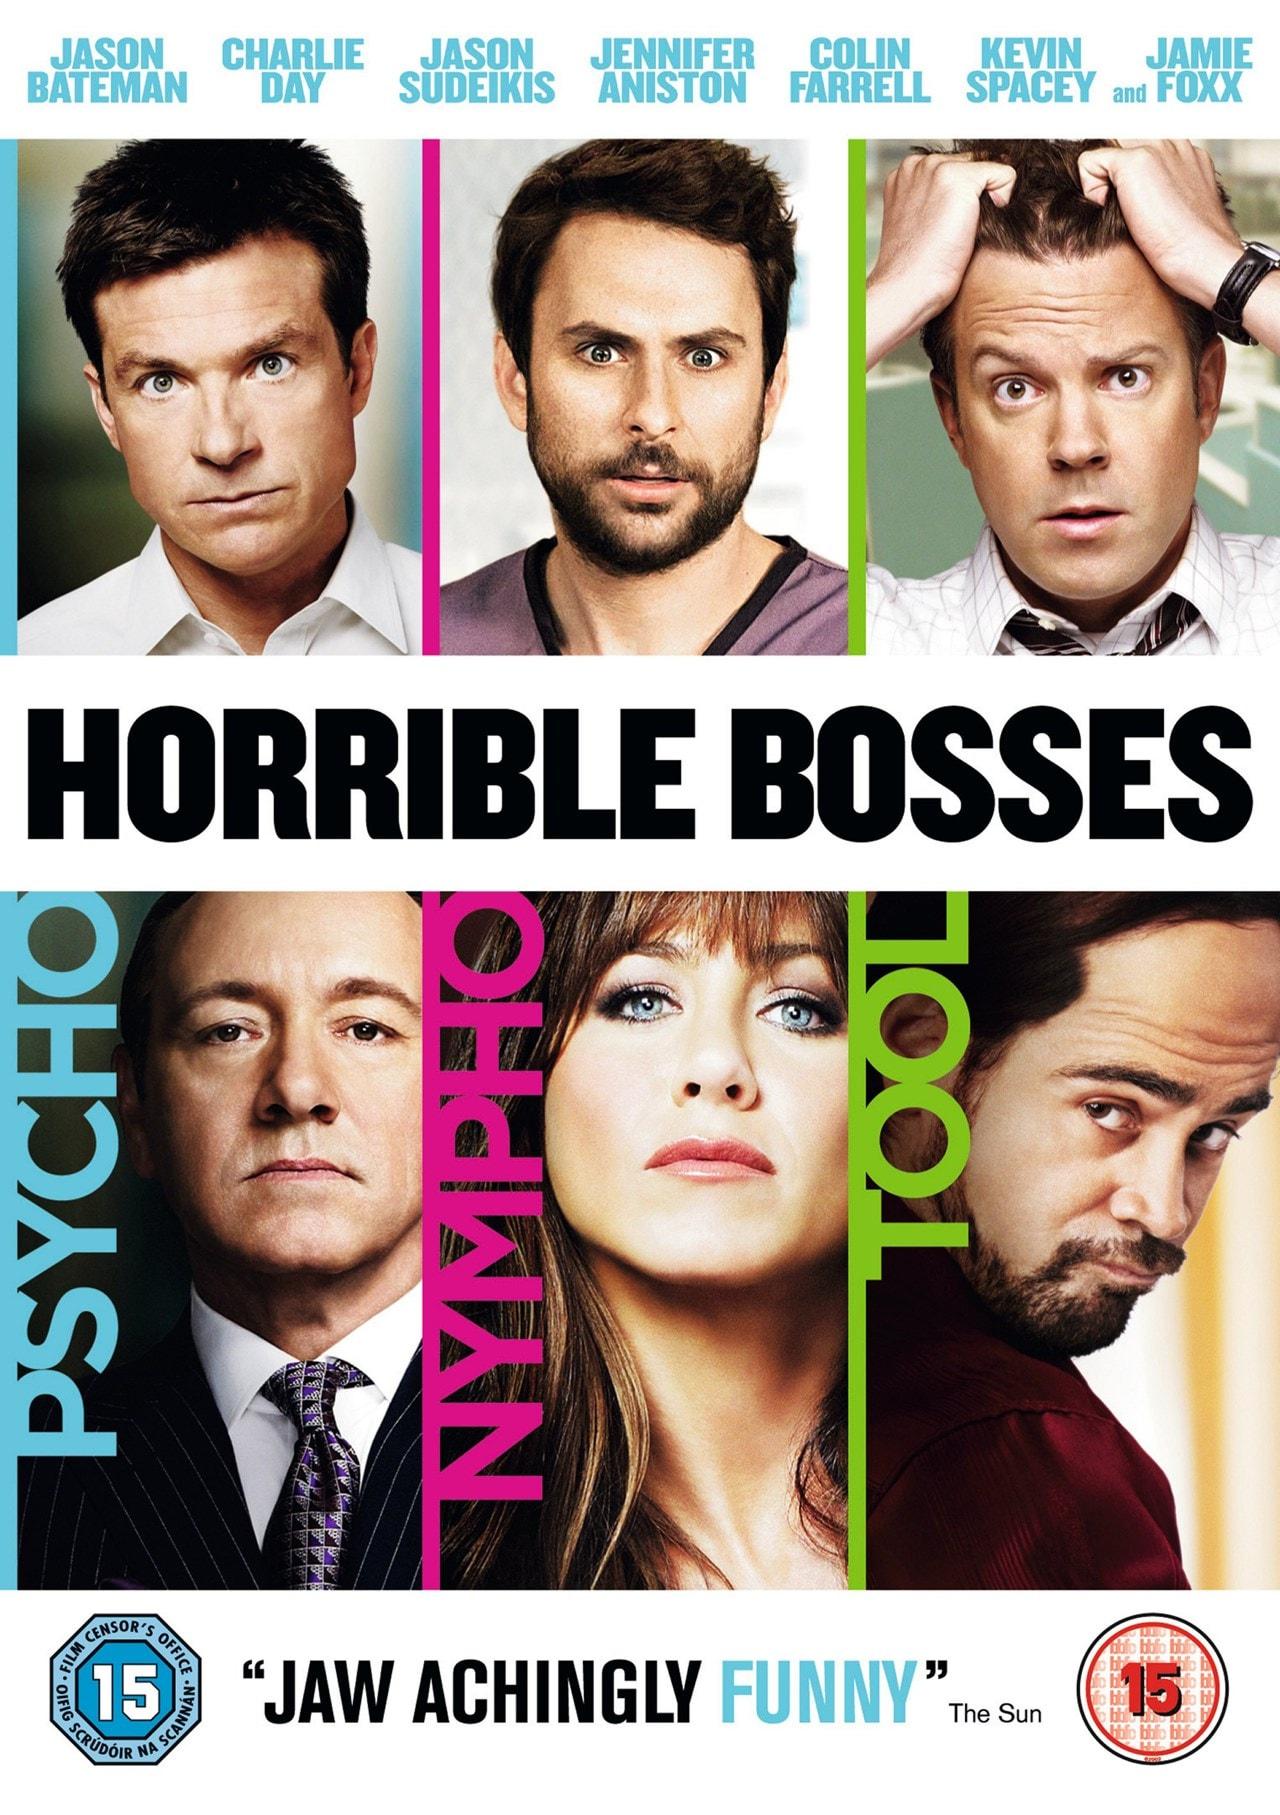 Horrible Bosses | DVD | Free shipping over £20 | HMV Store